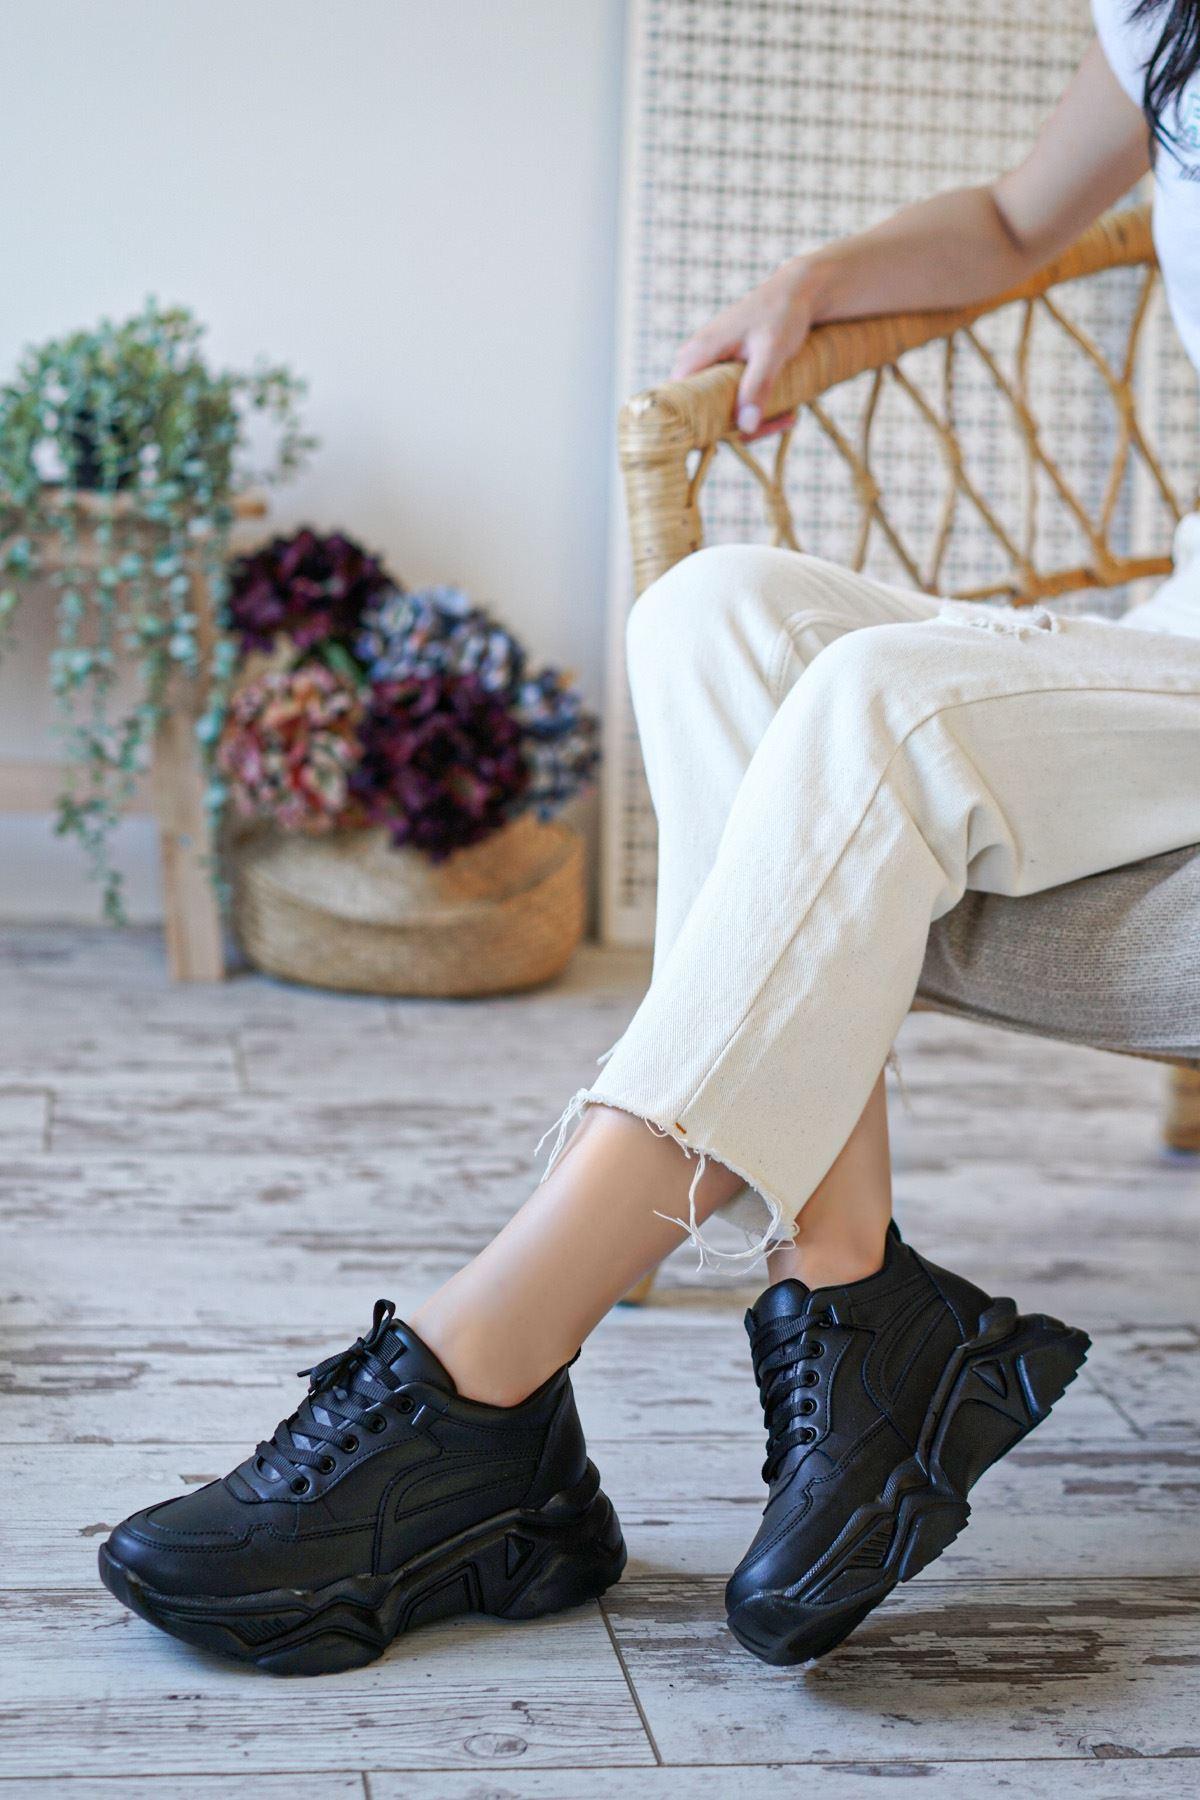 Hilary Siyah Mat Deri Kadın Spor Ayakkabı